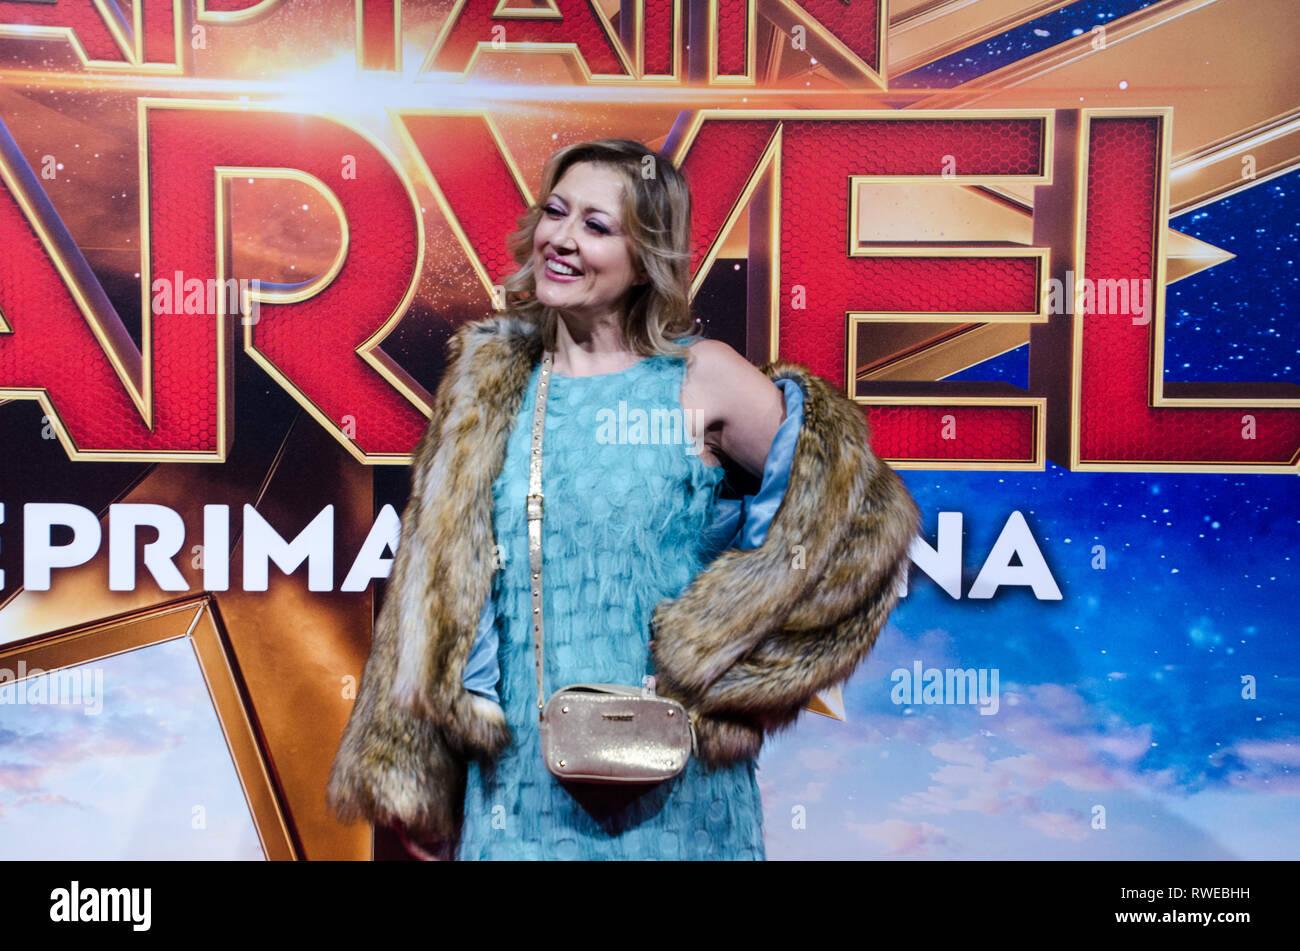 Rosaria Renna al capitano Marvel premiere red carpet, a Fabrique. Milano, 5 marzo 2019 Immagini Stock